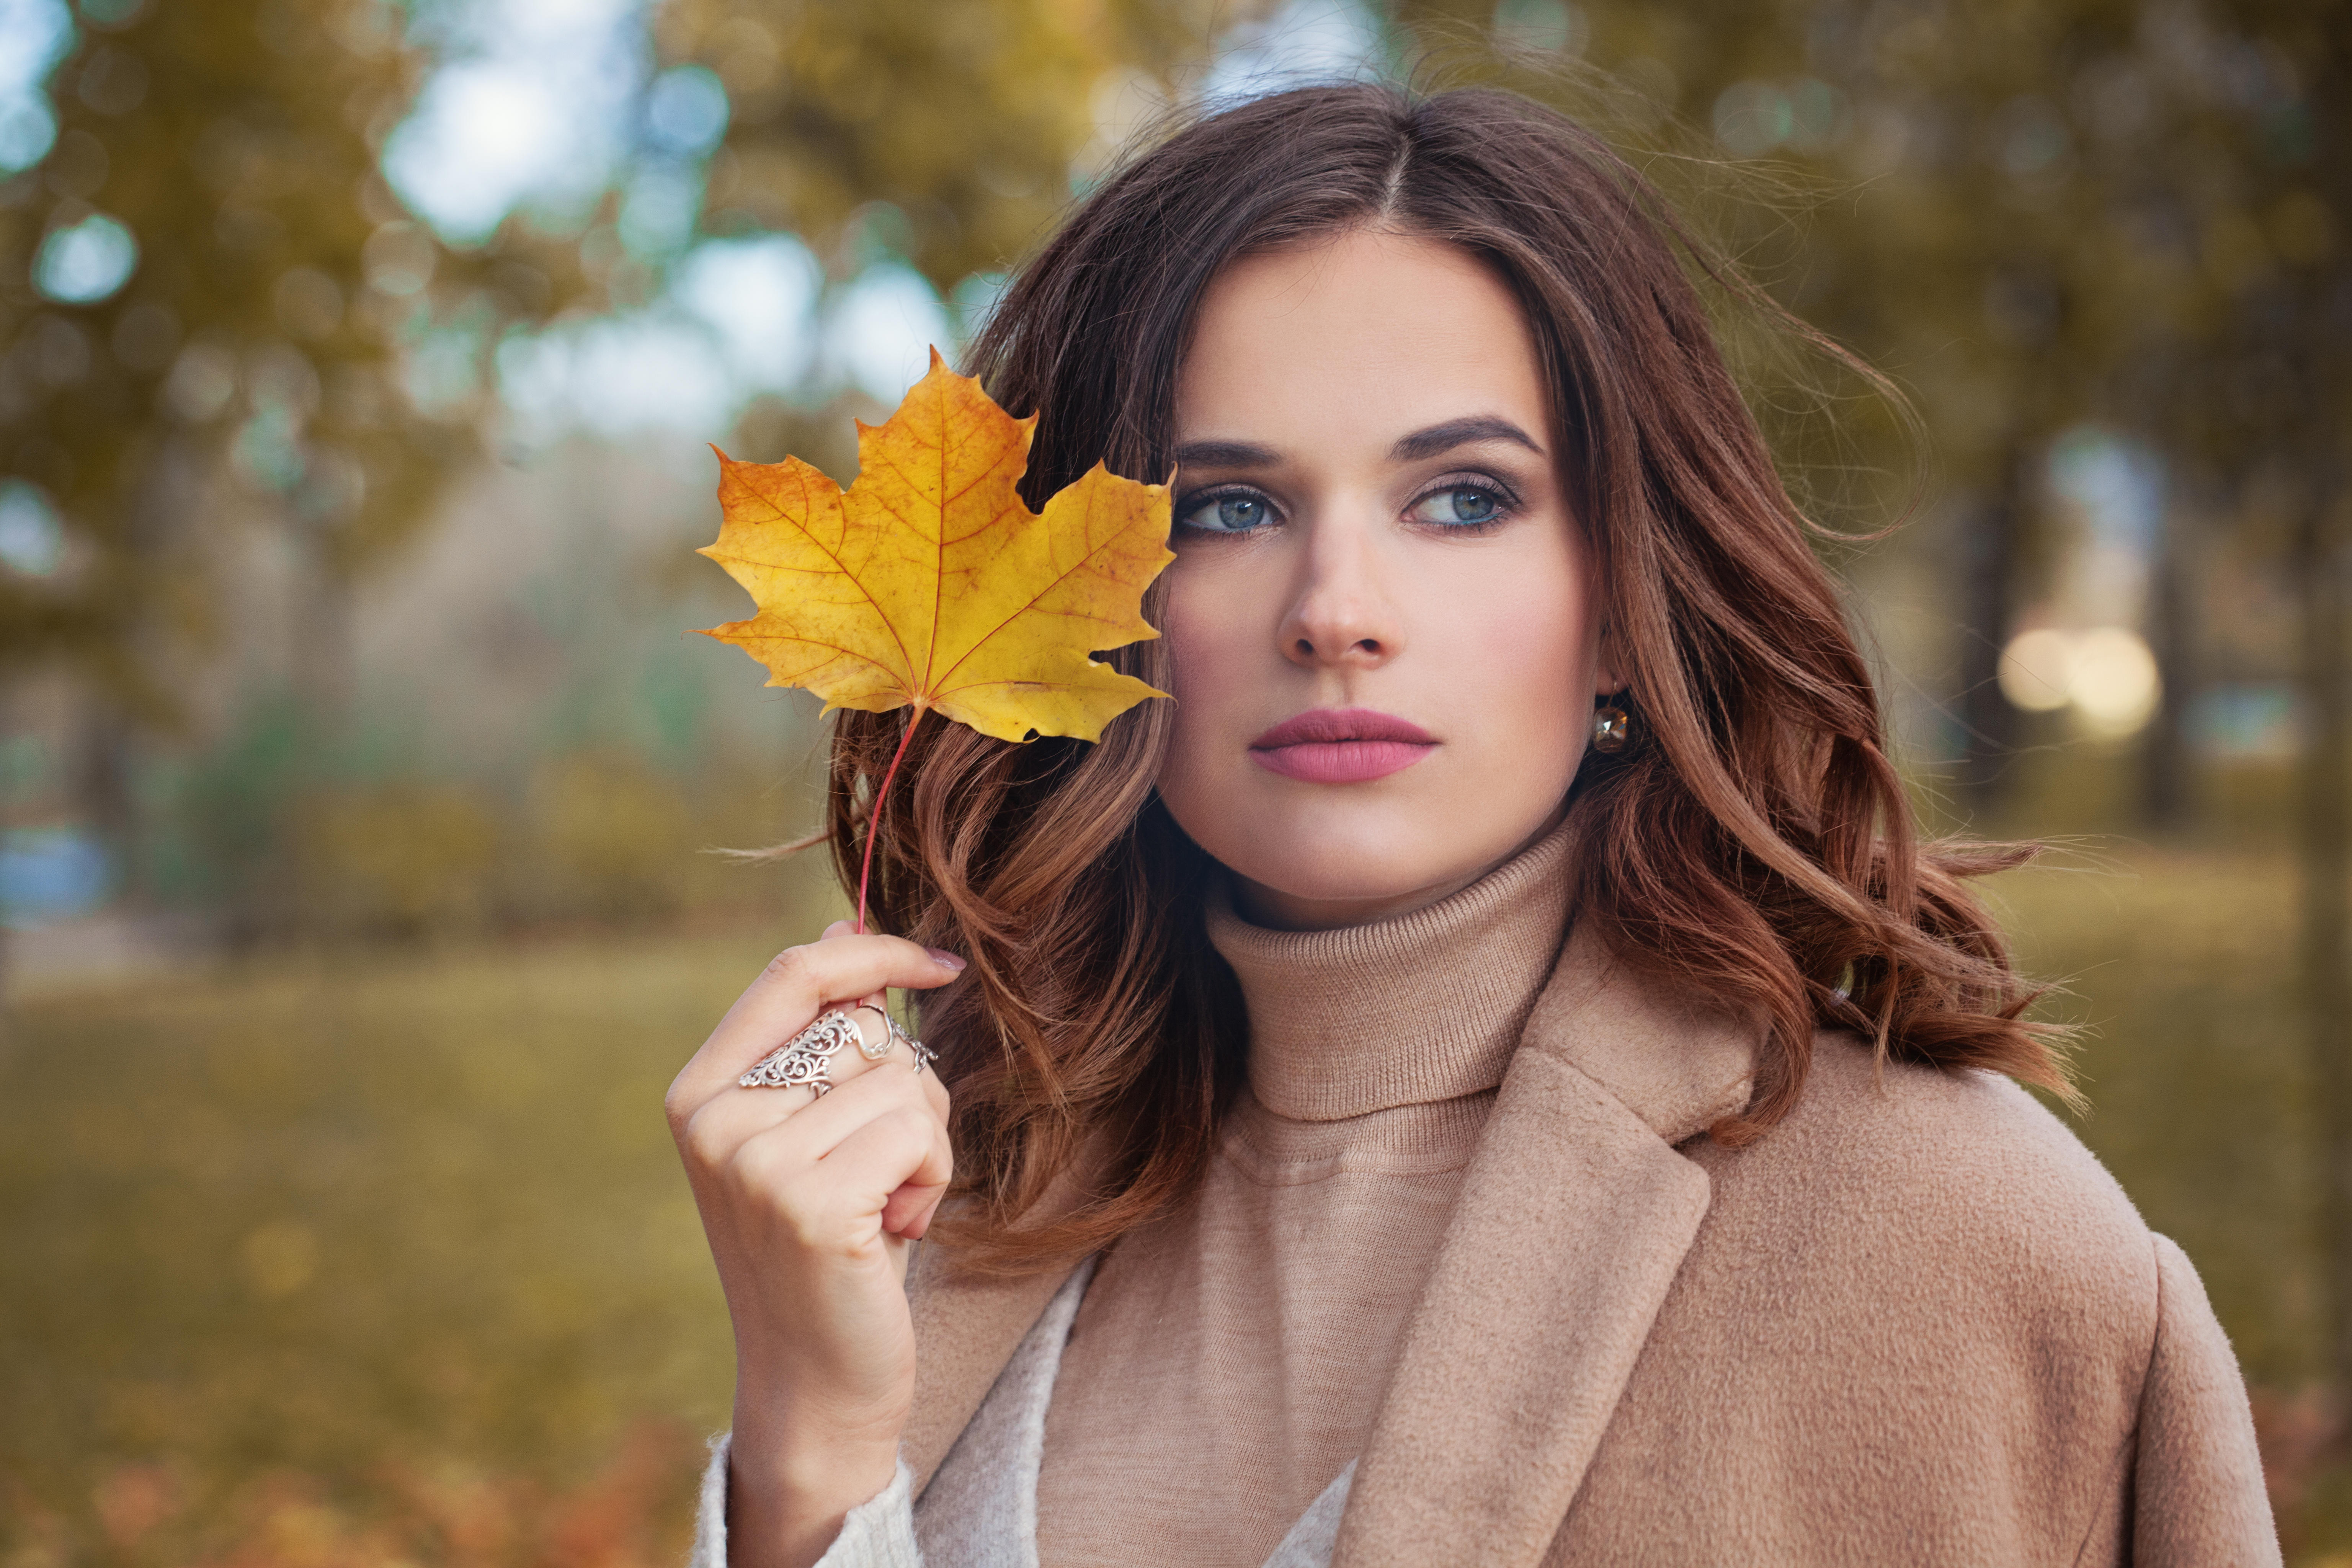 Вечерний макияж девушка осень